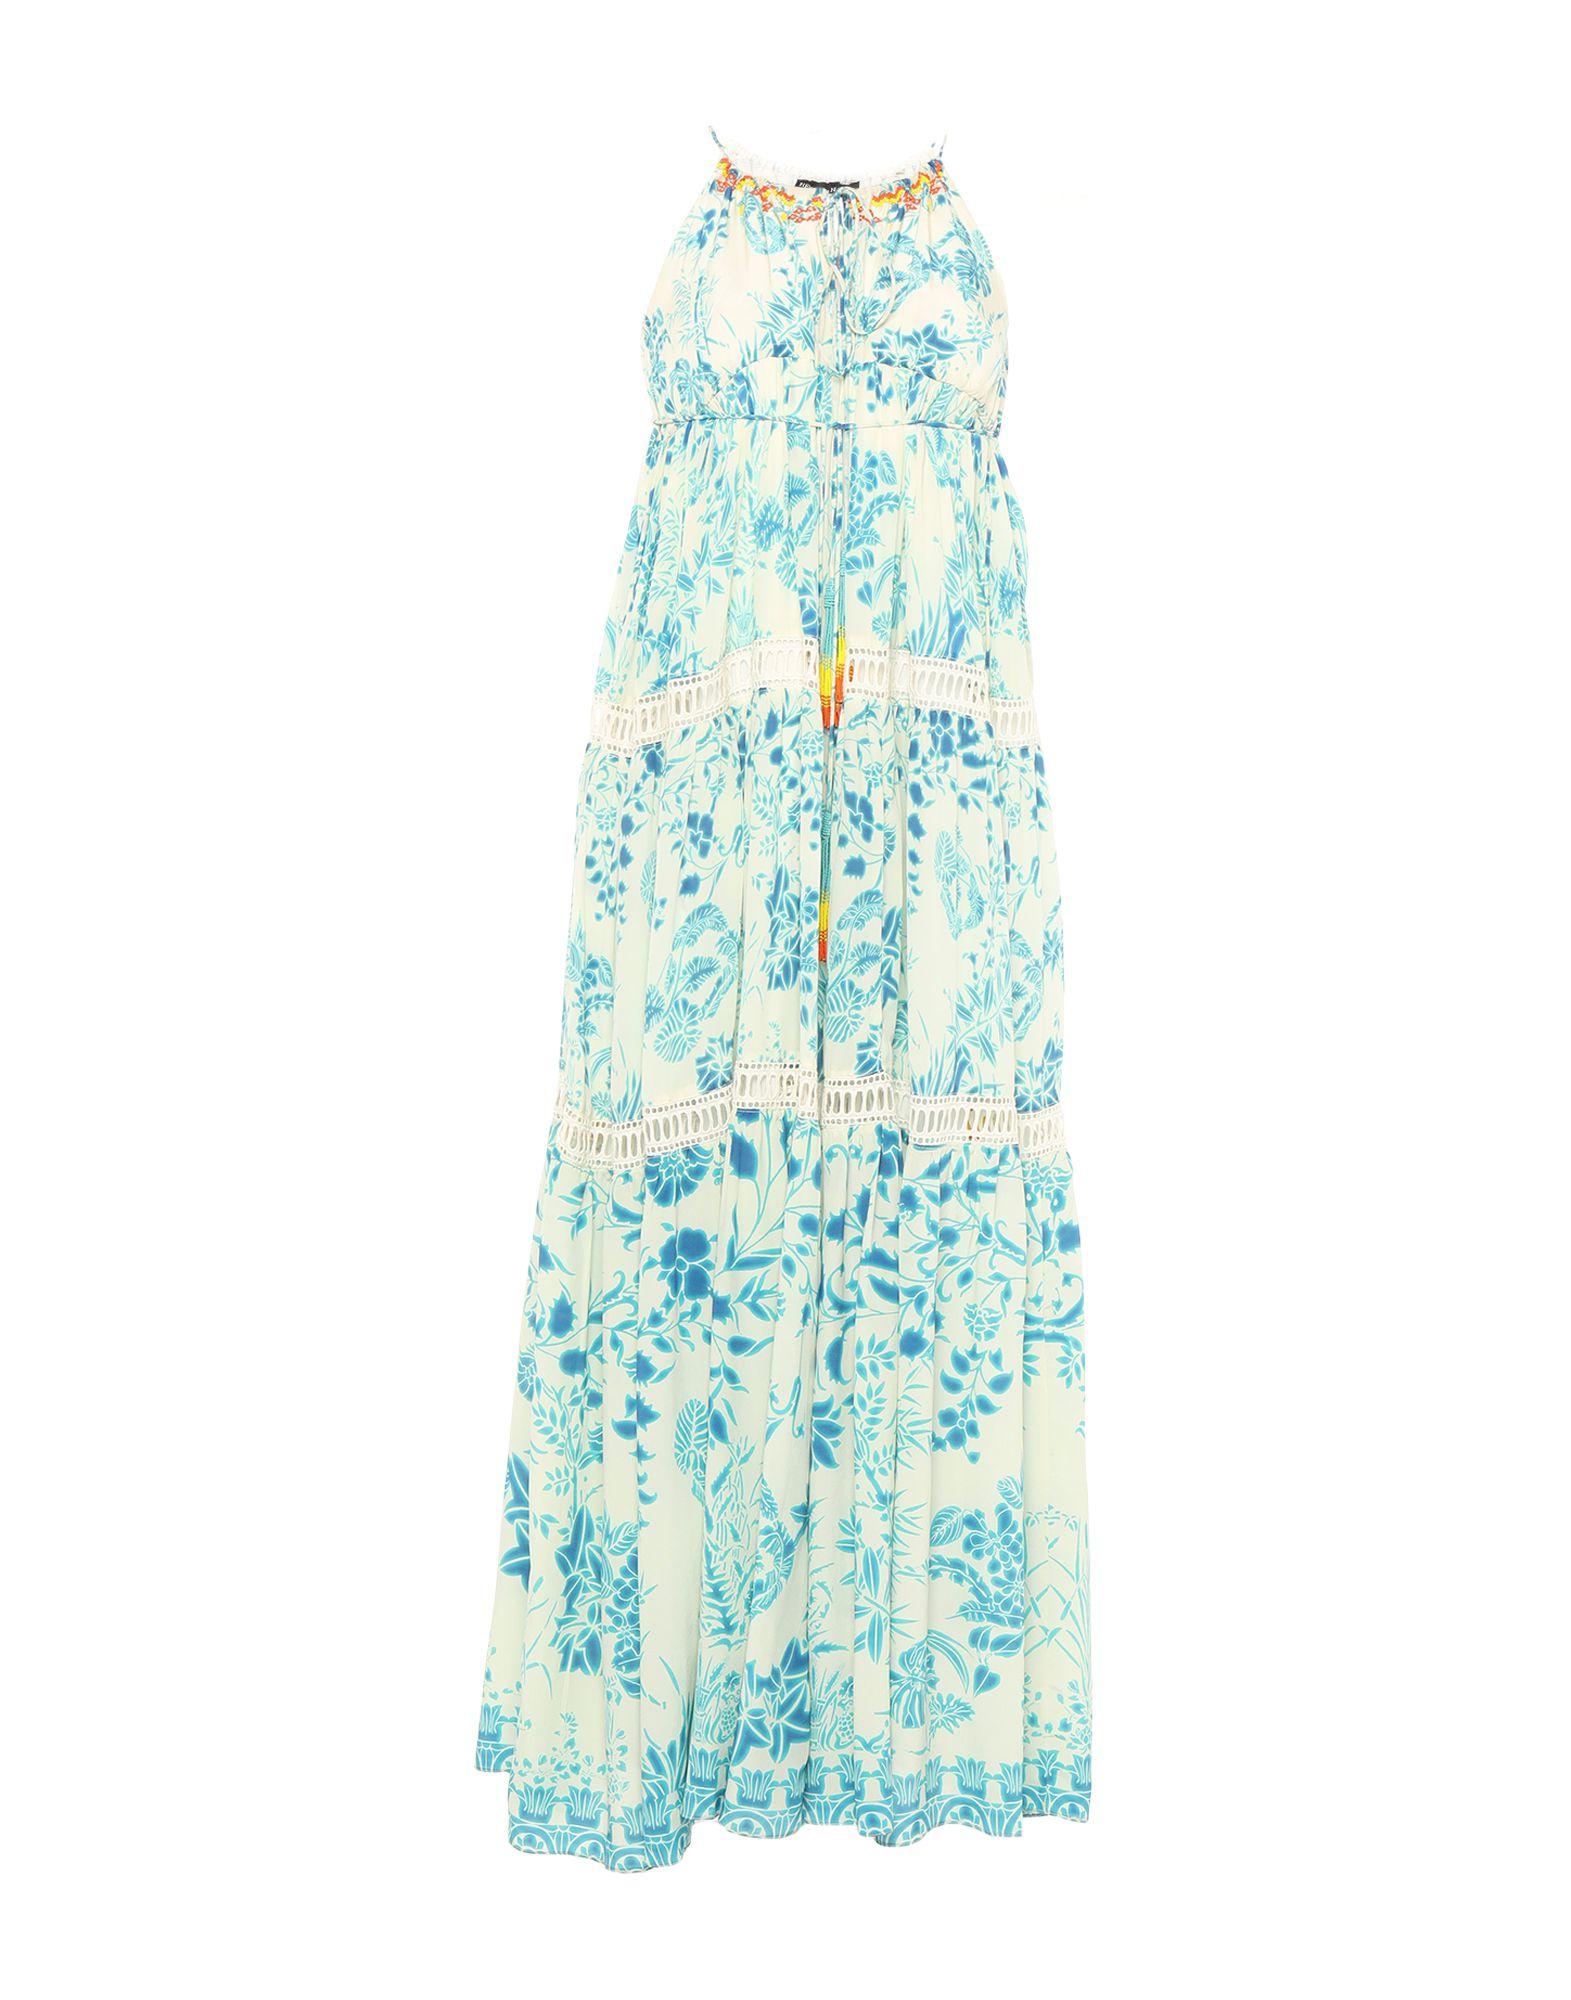 HEMANT & NANDITA Длинное платье ступка с пестиком cilio goliath 18 5 см